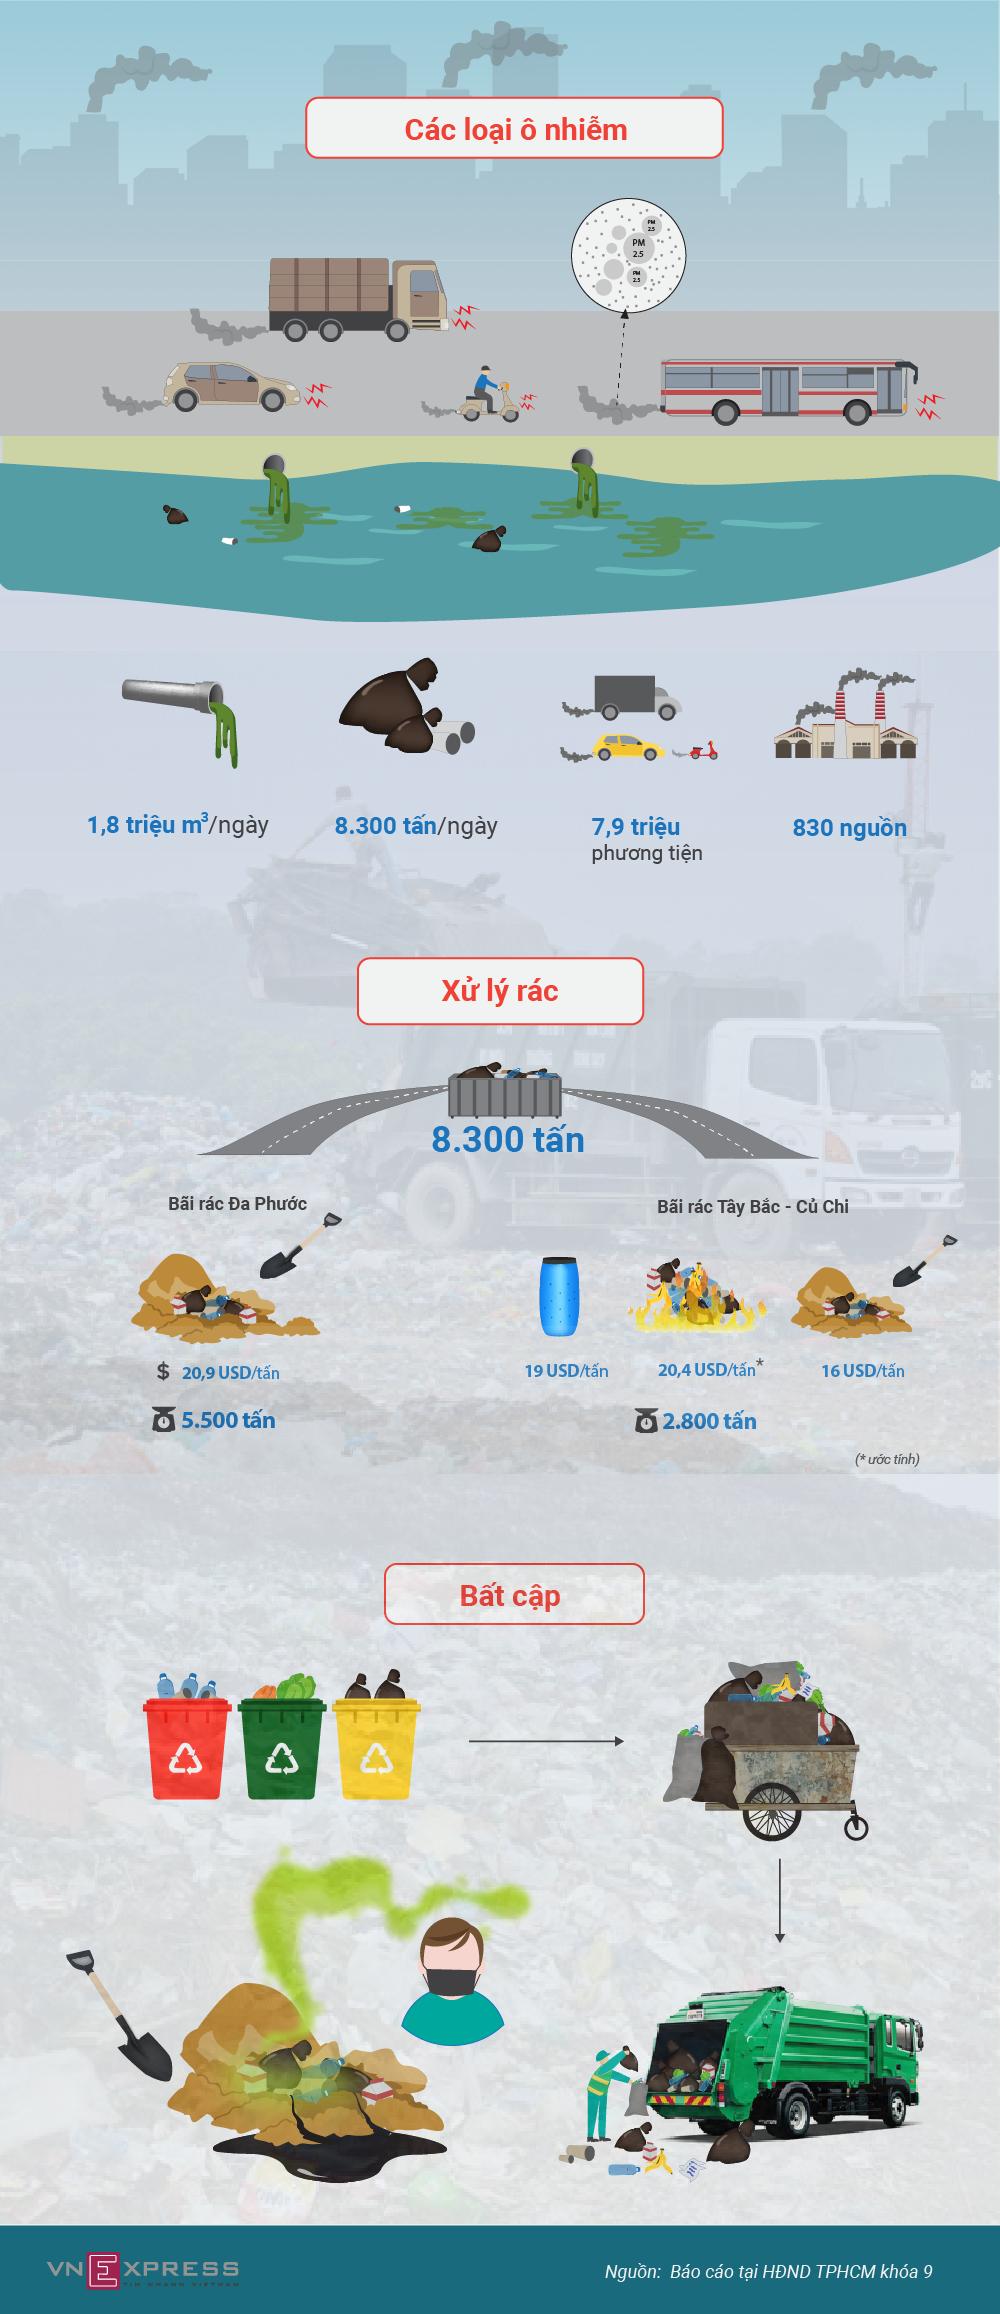 Rác và khí thải đe dọa môi trường TPHCM